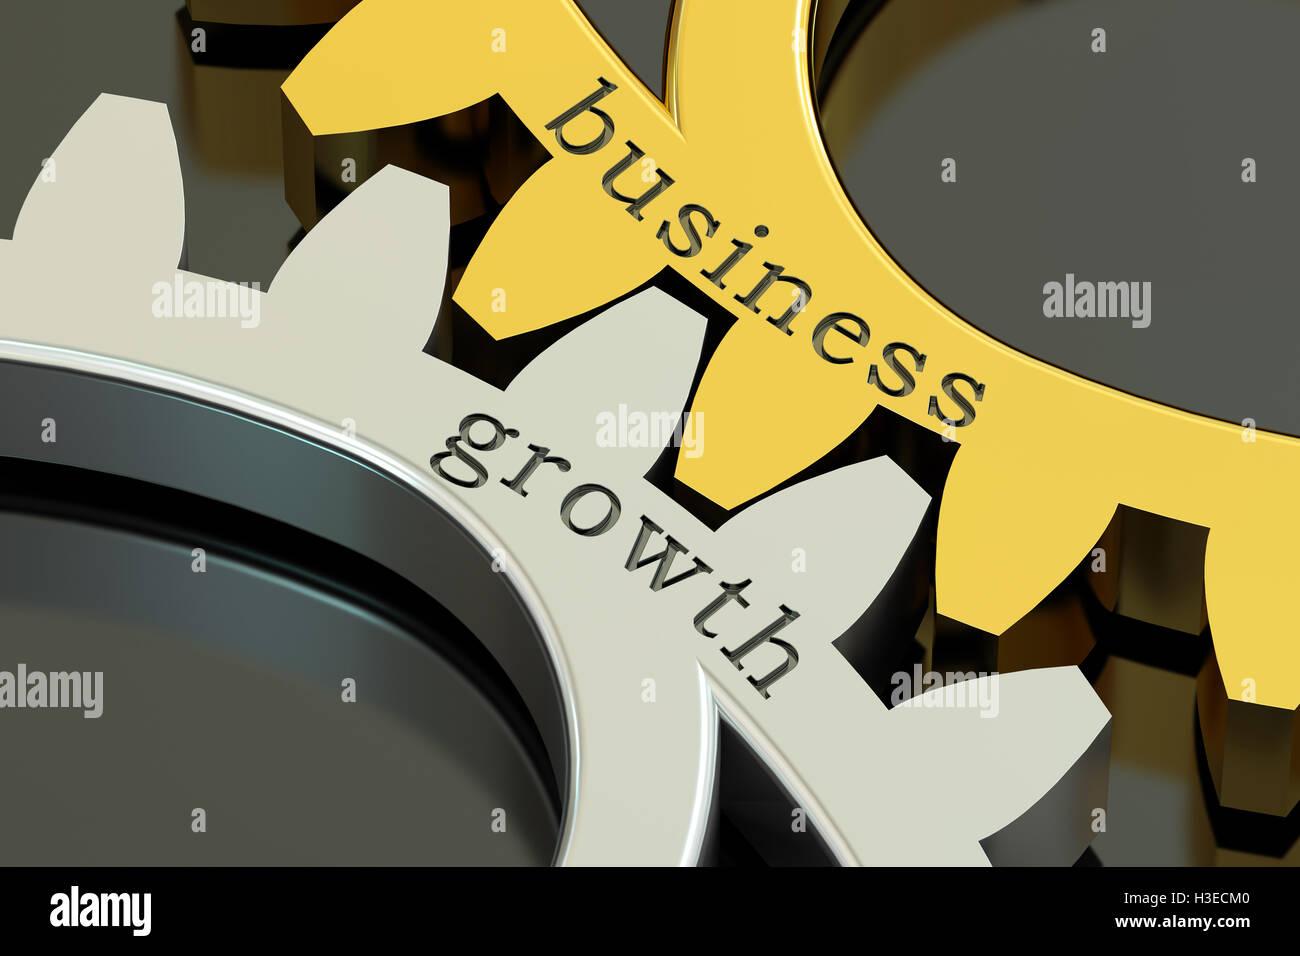 Concepto de crecimiento empresarial en los engranajes, 3D rendering Imagen De Stock